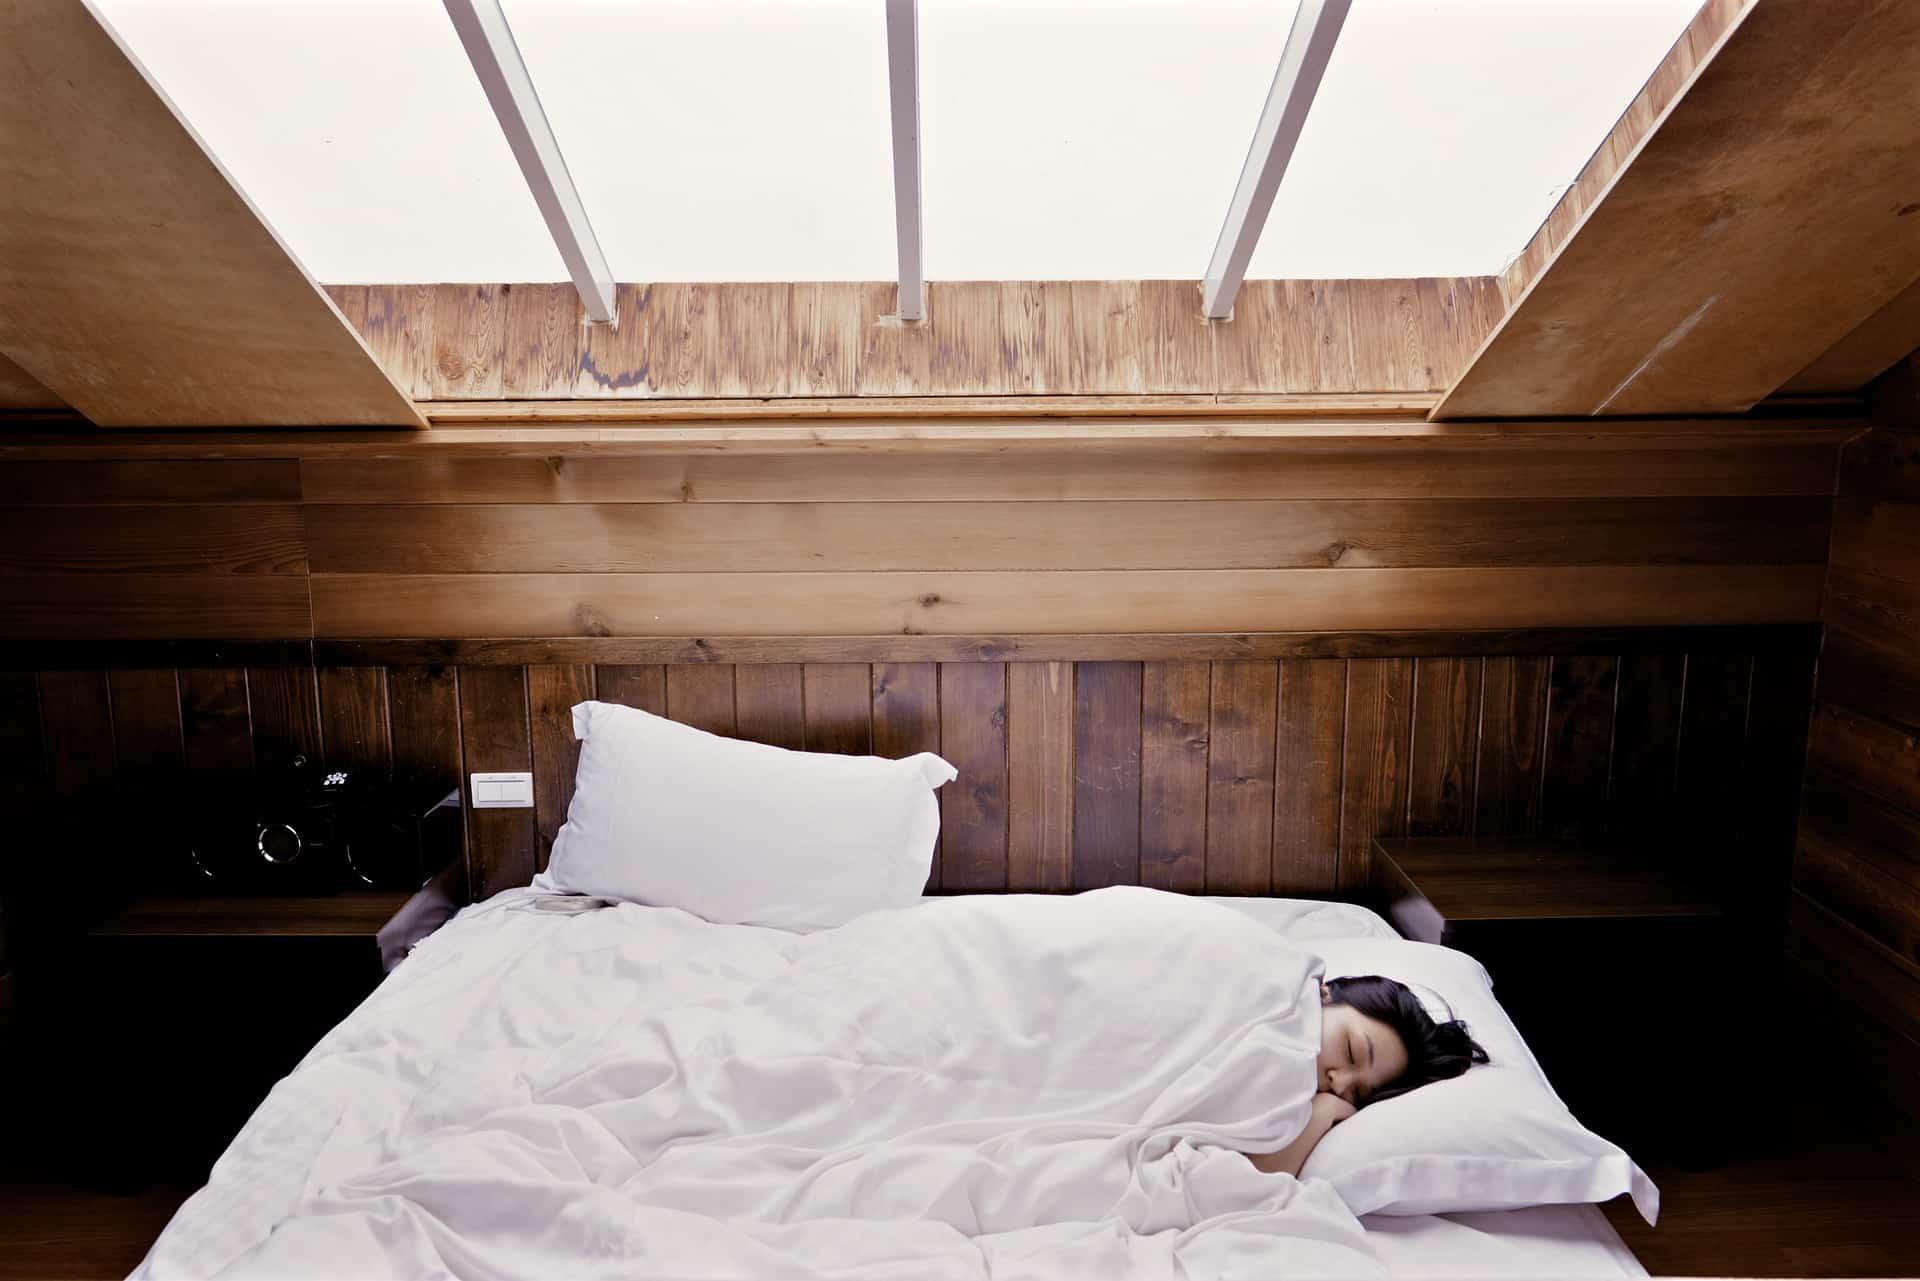 Beliebt Bett für Dachschräge Test 2019 | Betten für Dachschrägen im Vergleich RN03